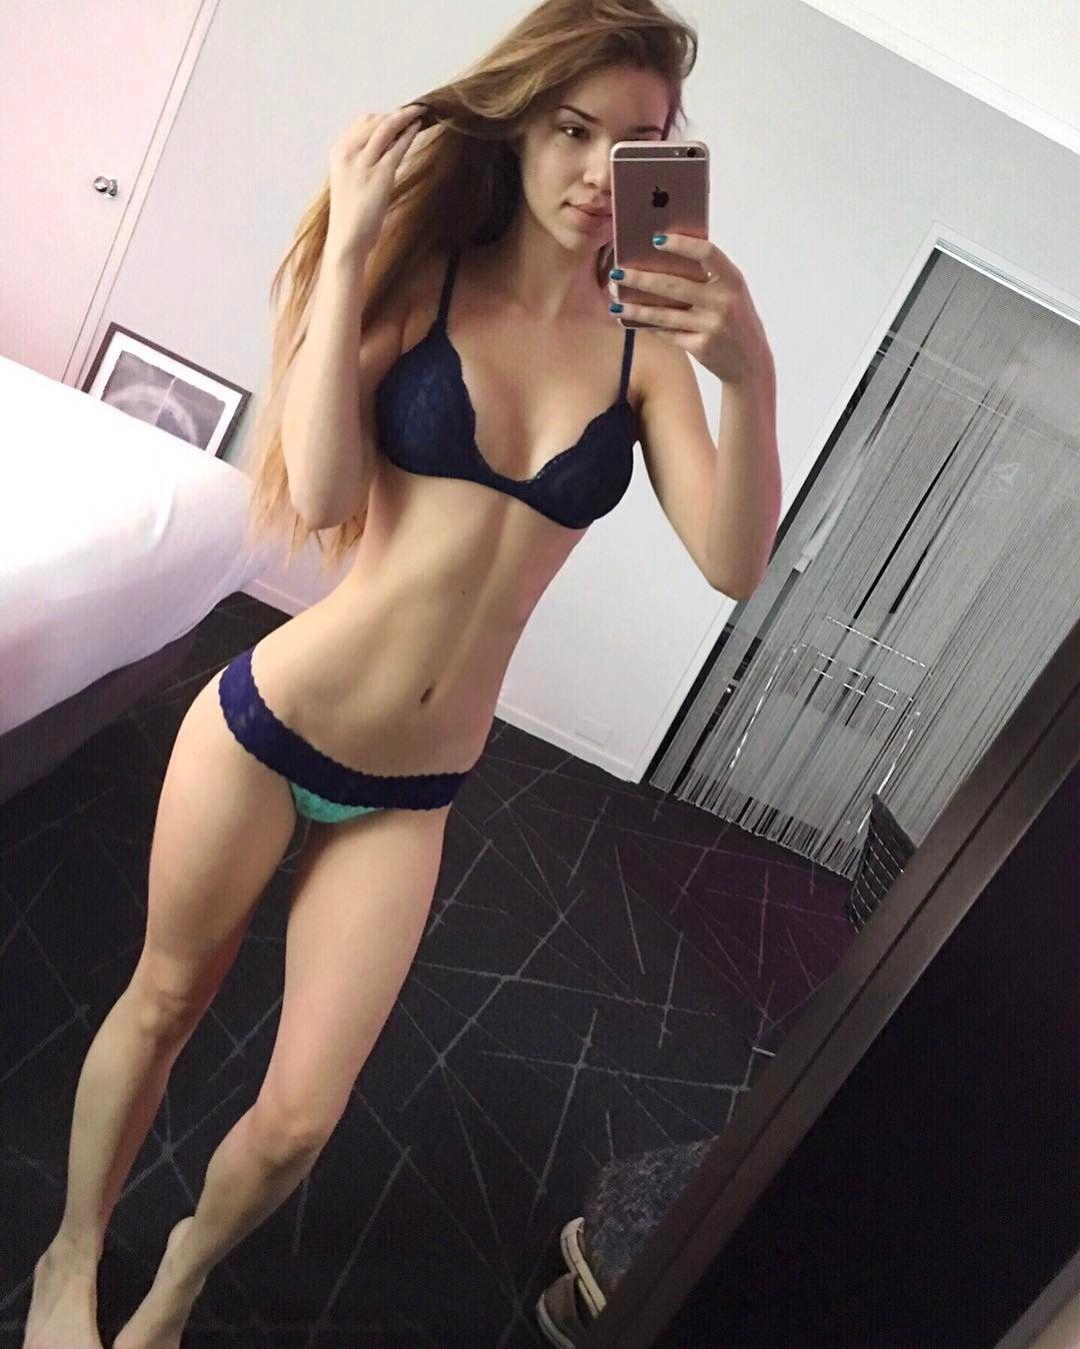 Cleavage Morgan Lux nude photos 2019